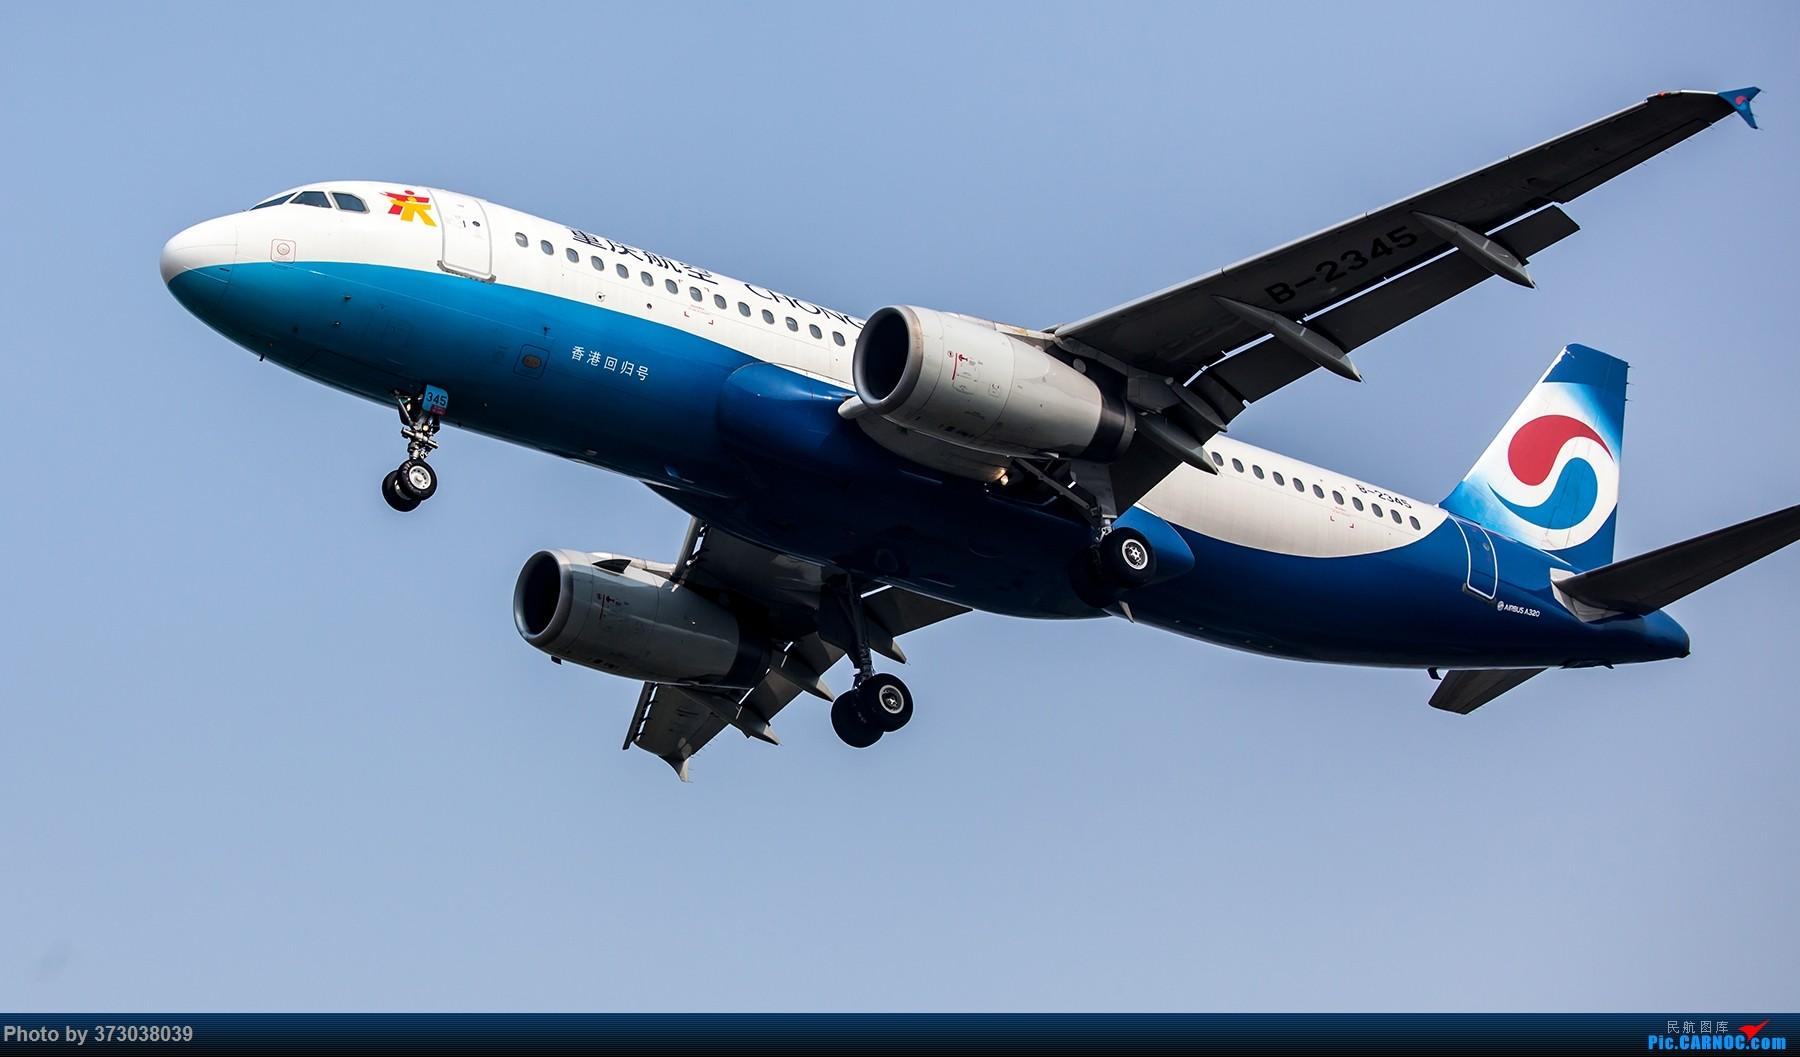 Re:[原创]【杭州飞友会】A320Neo迪士尼杭州萧山机场拍机班门弄斧记 AIRBUS A320-200 B-2345 中国杭州萧山国际机场